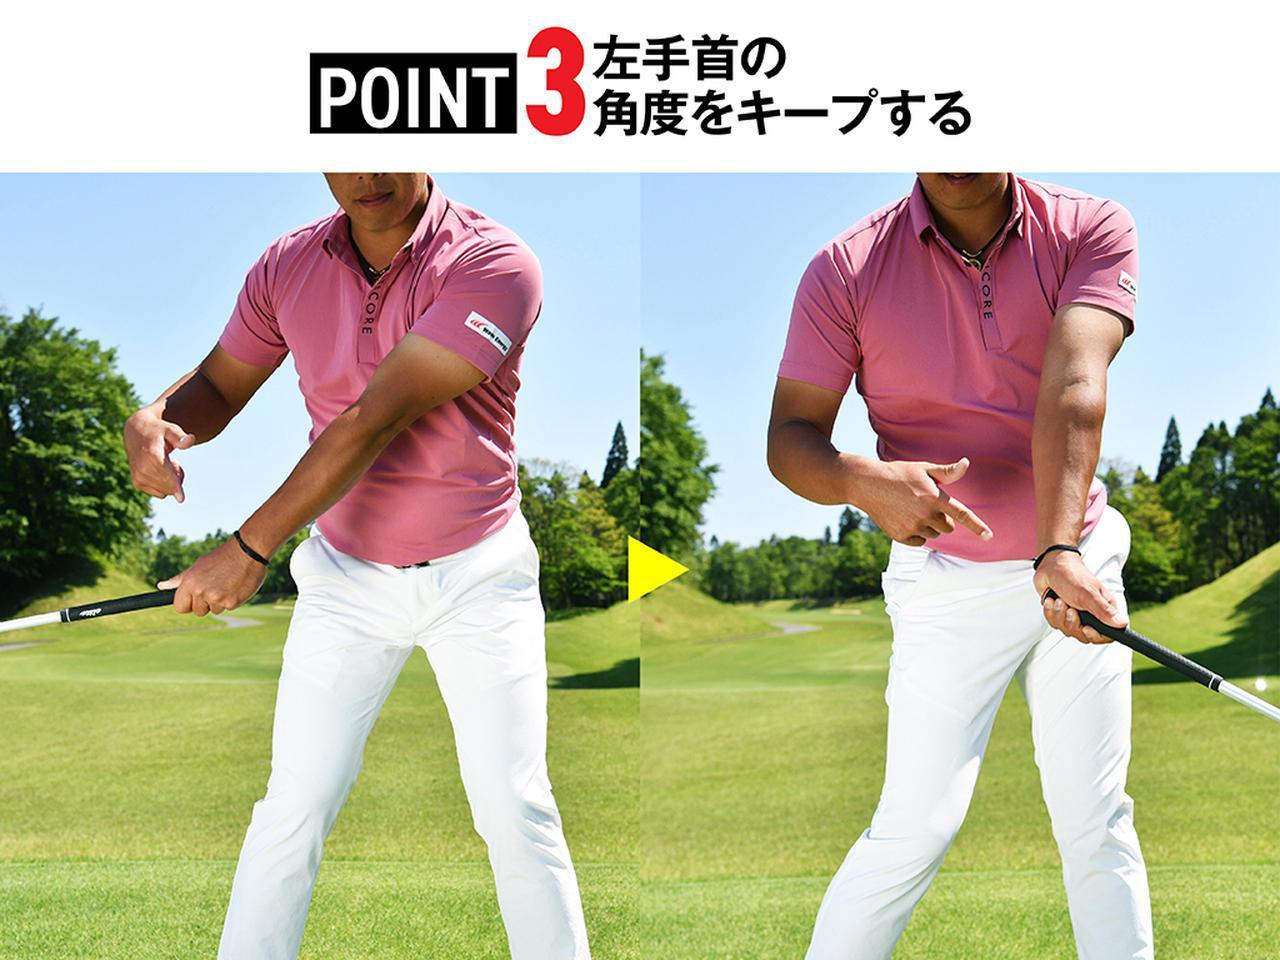 画像4: インパクトの先で速く振る3つのポイント